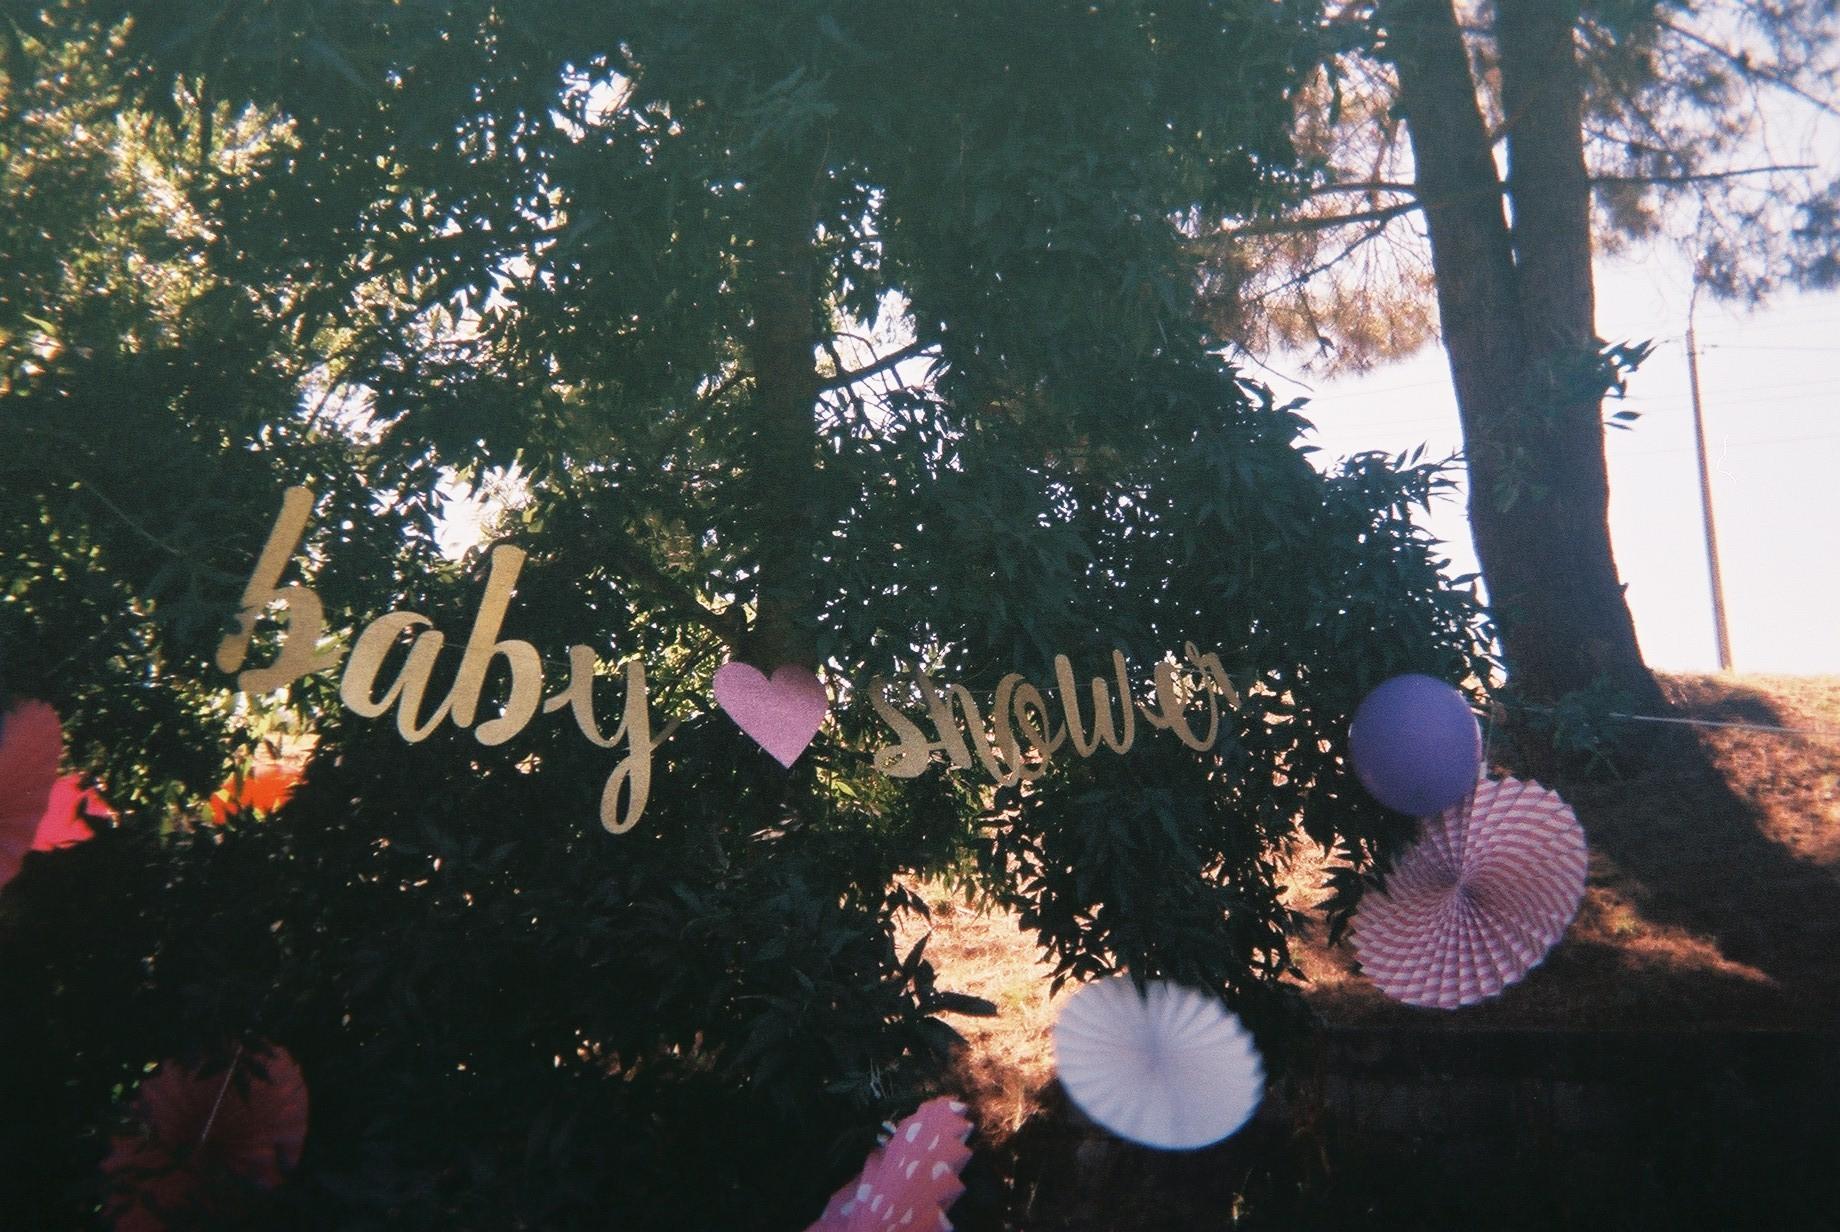 BabyShower | wide image